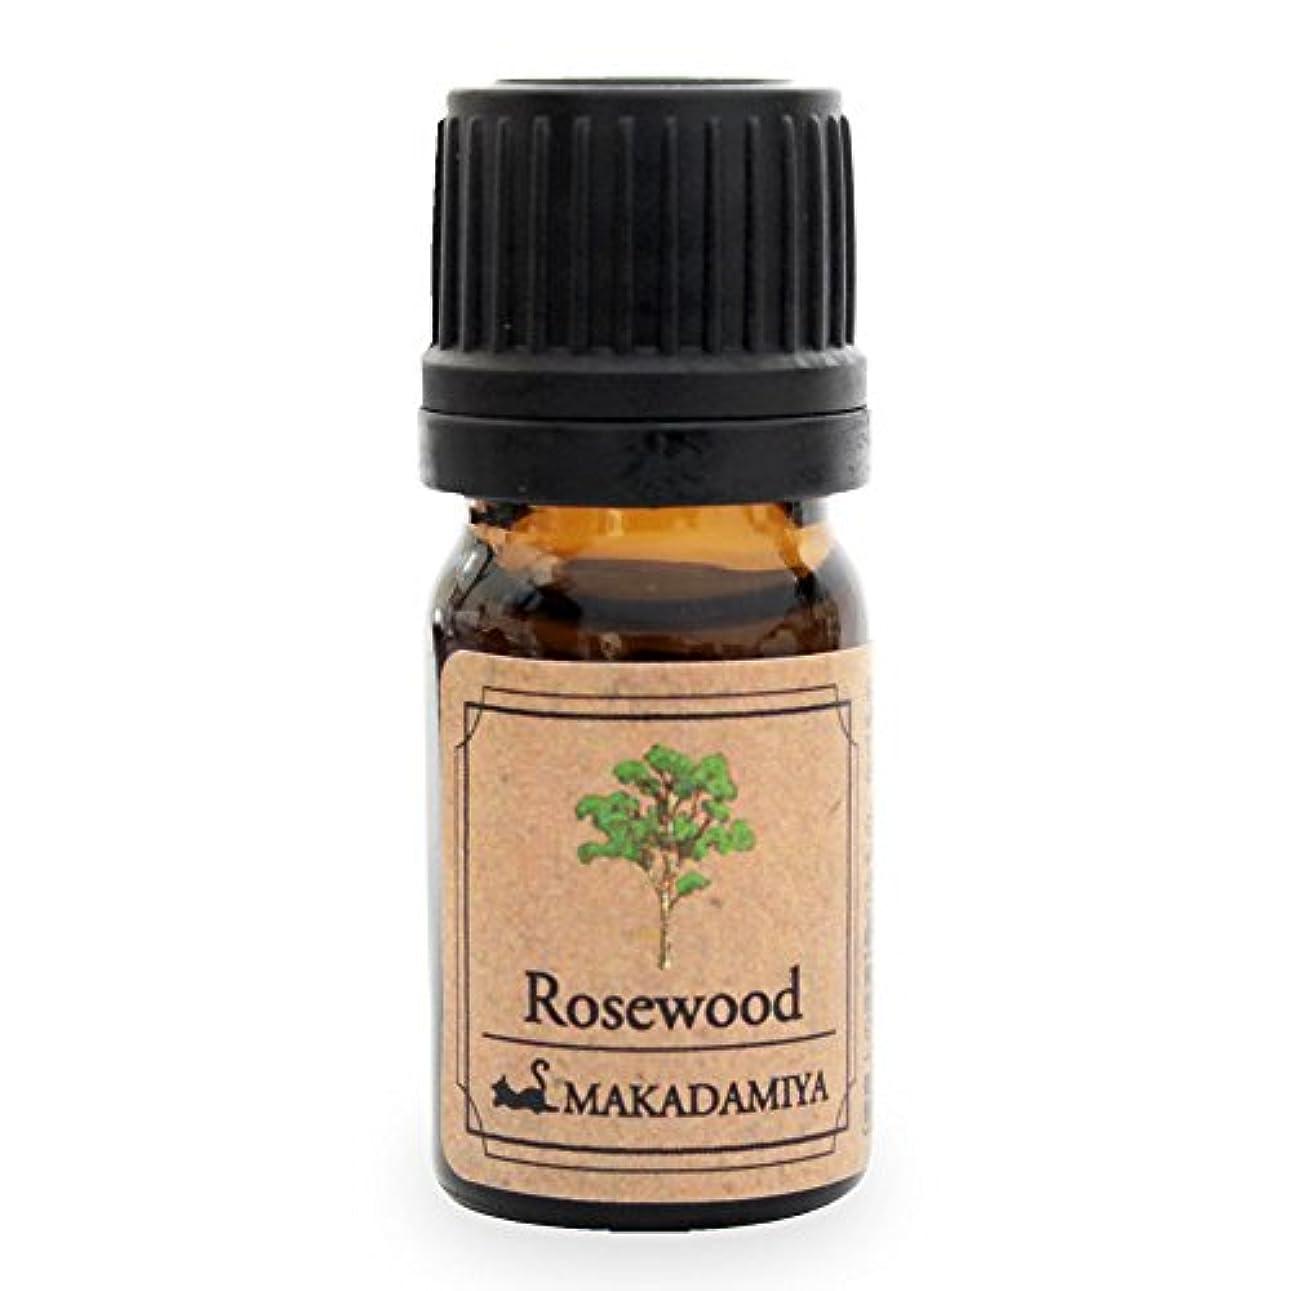 土砂降りオーバードロー比喩ローズウッド5ml 天然100%植物性 エッセンシャルオイル(精油) アロマオイル アロママッサージ aroma Rosewood